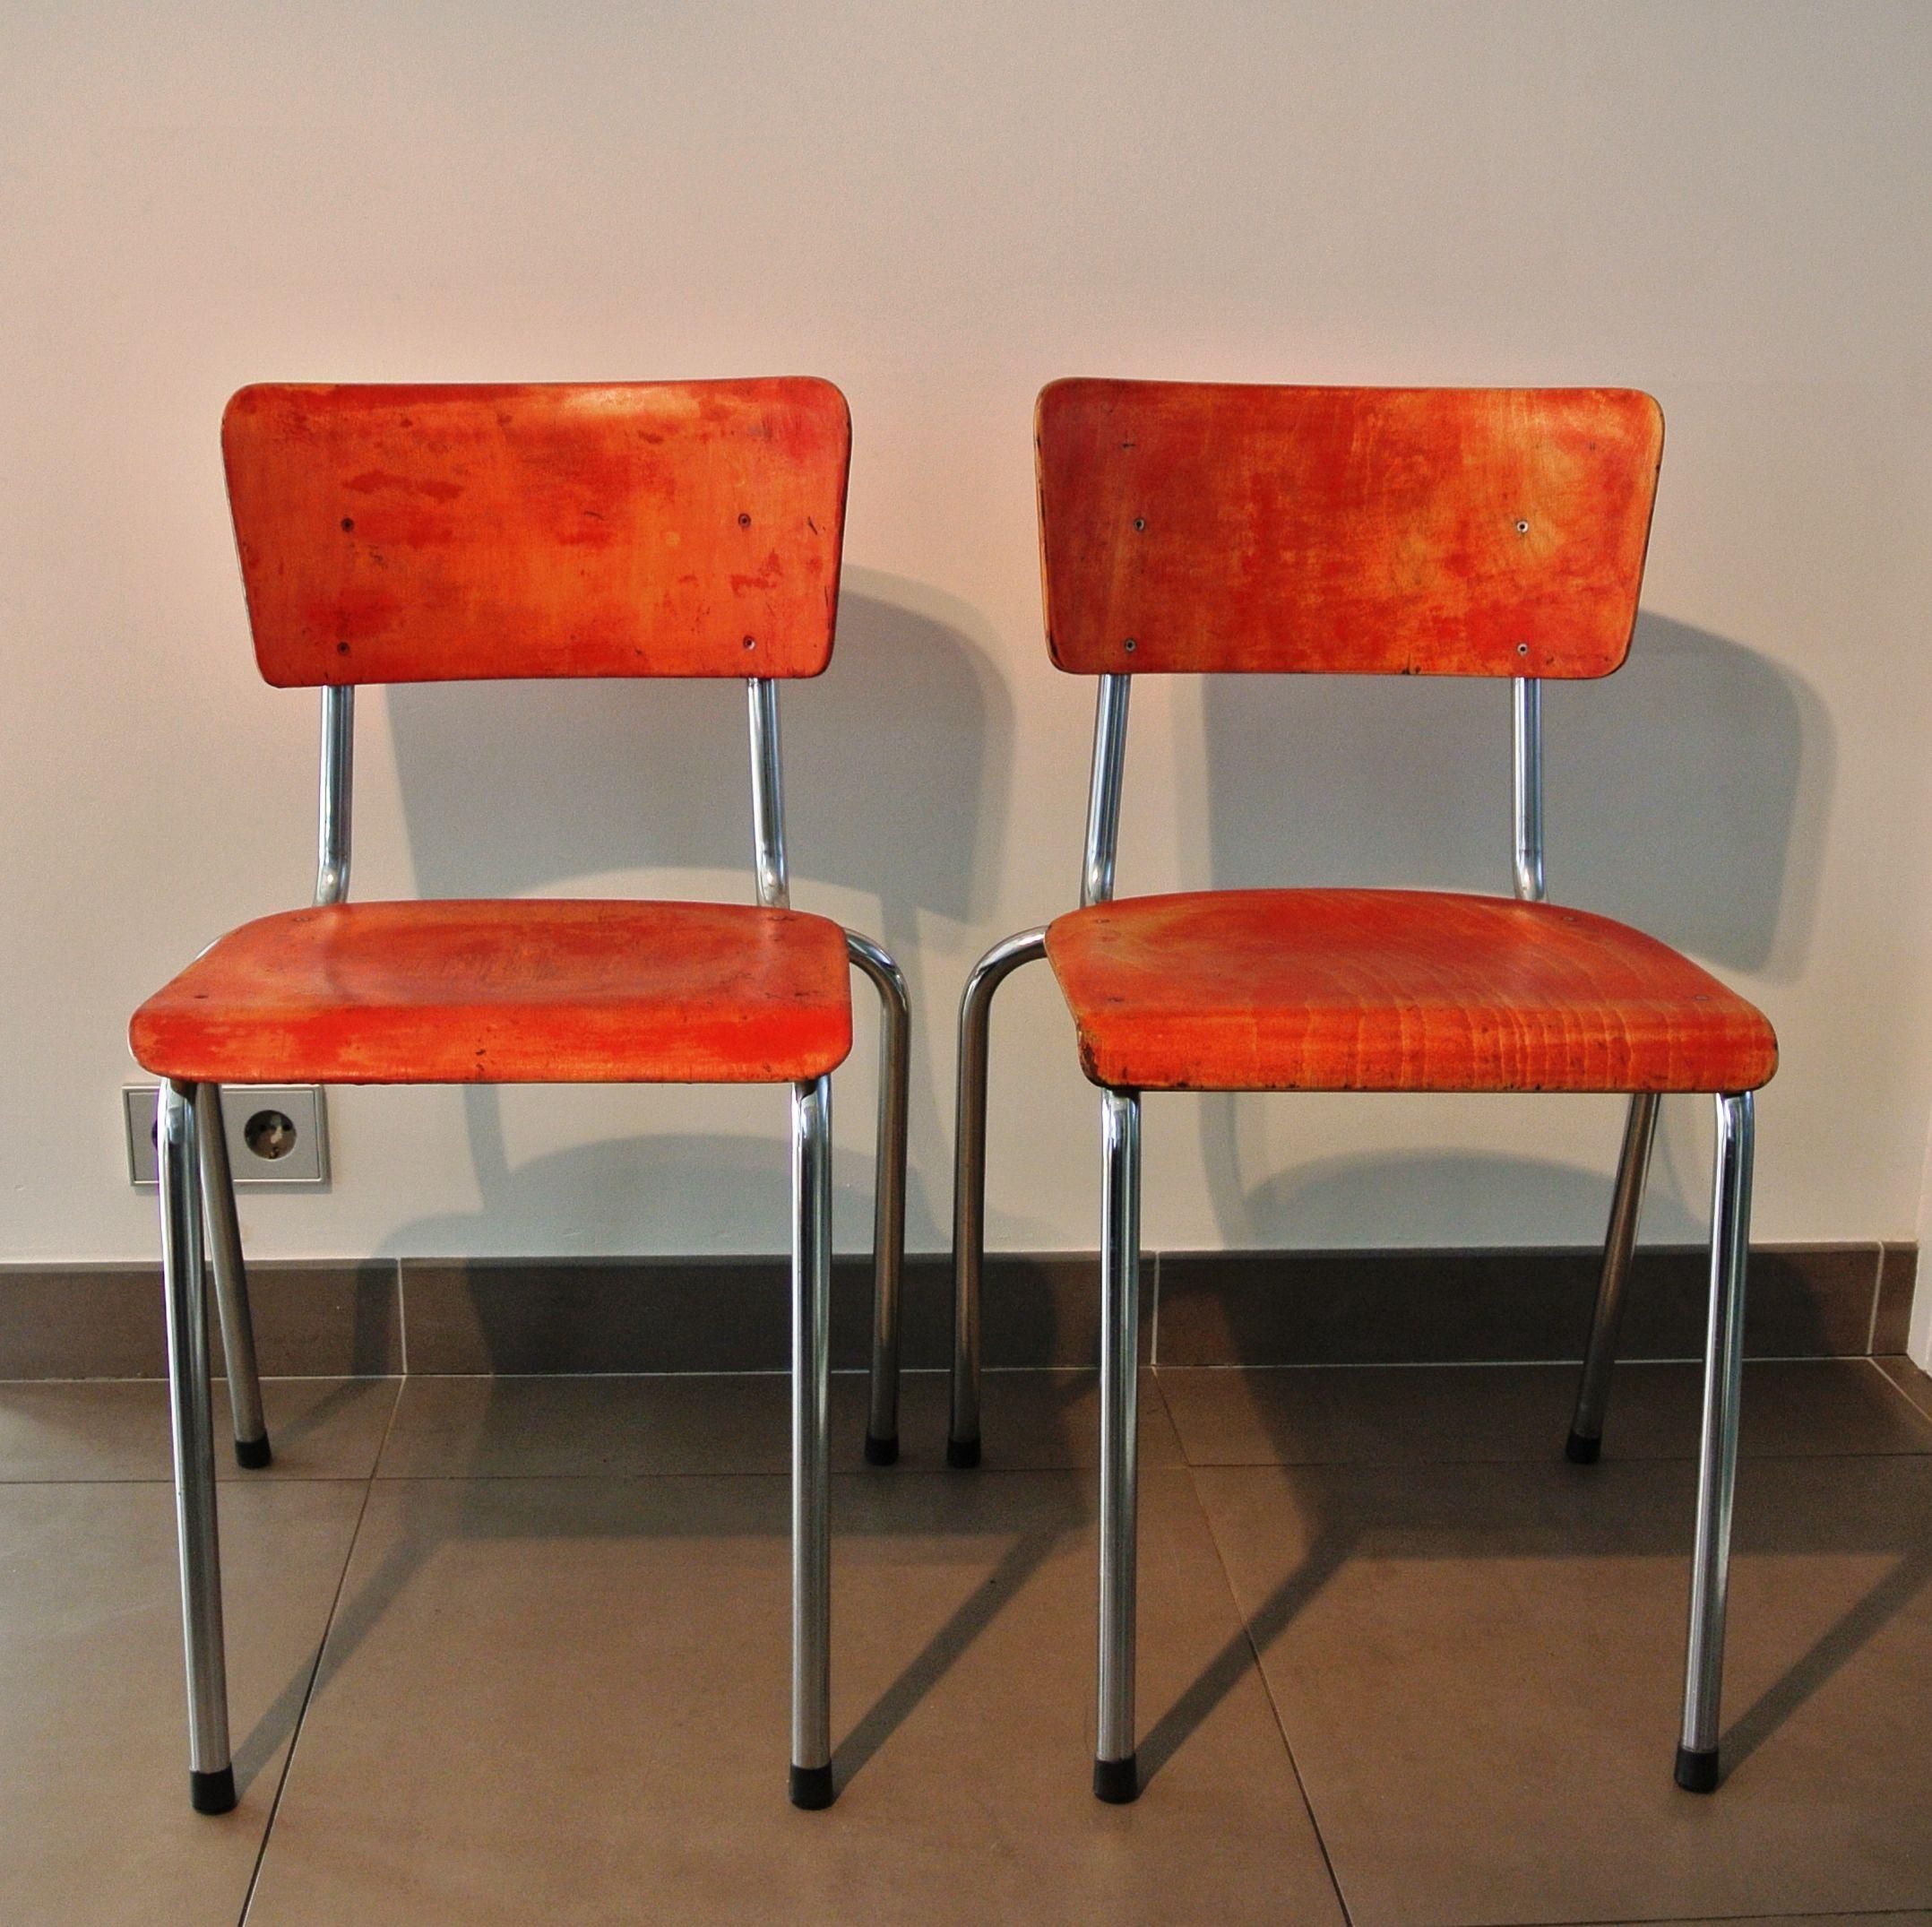 Vintage stoeltjes